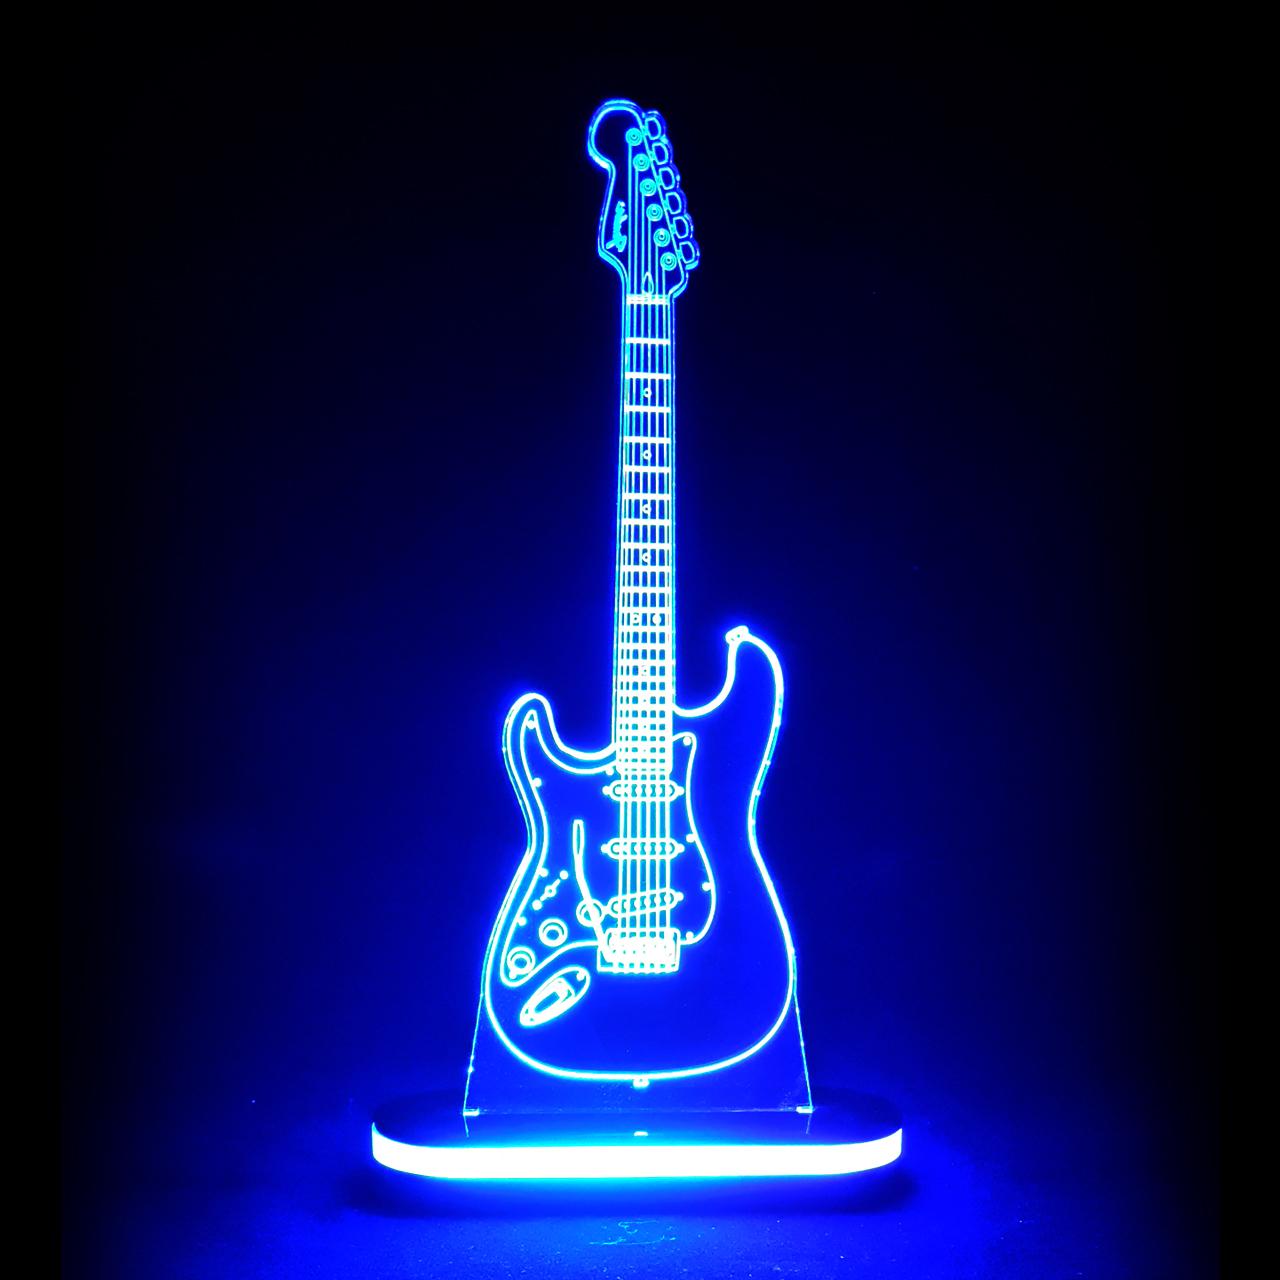 چراغ خواب طرح گیتار کد 1209